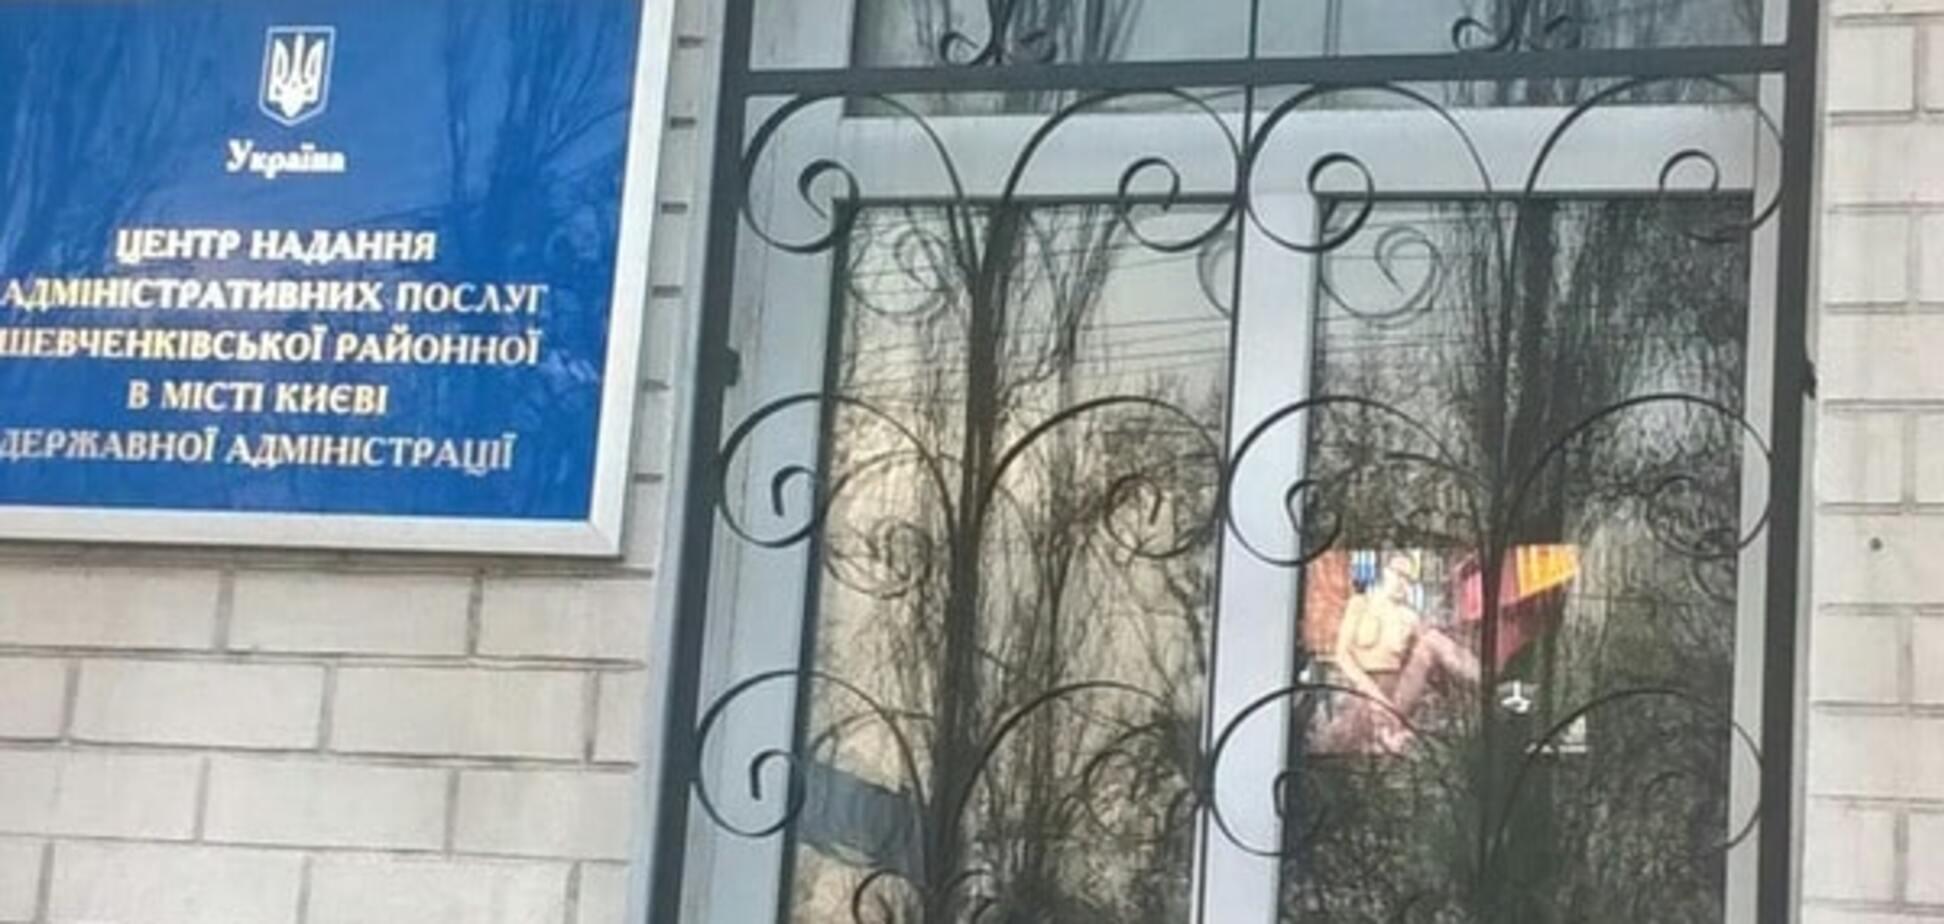 Порноскандал: киевских чиновников обвинили в просмотре 'взрослого видео' на работе